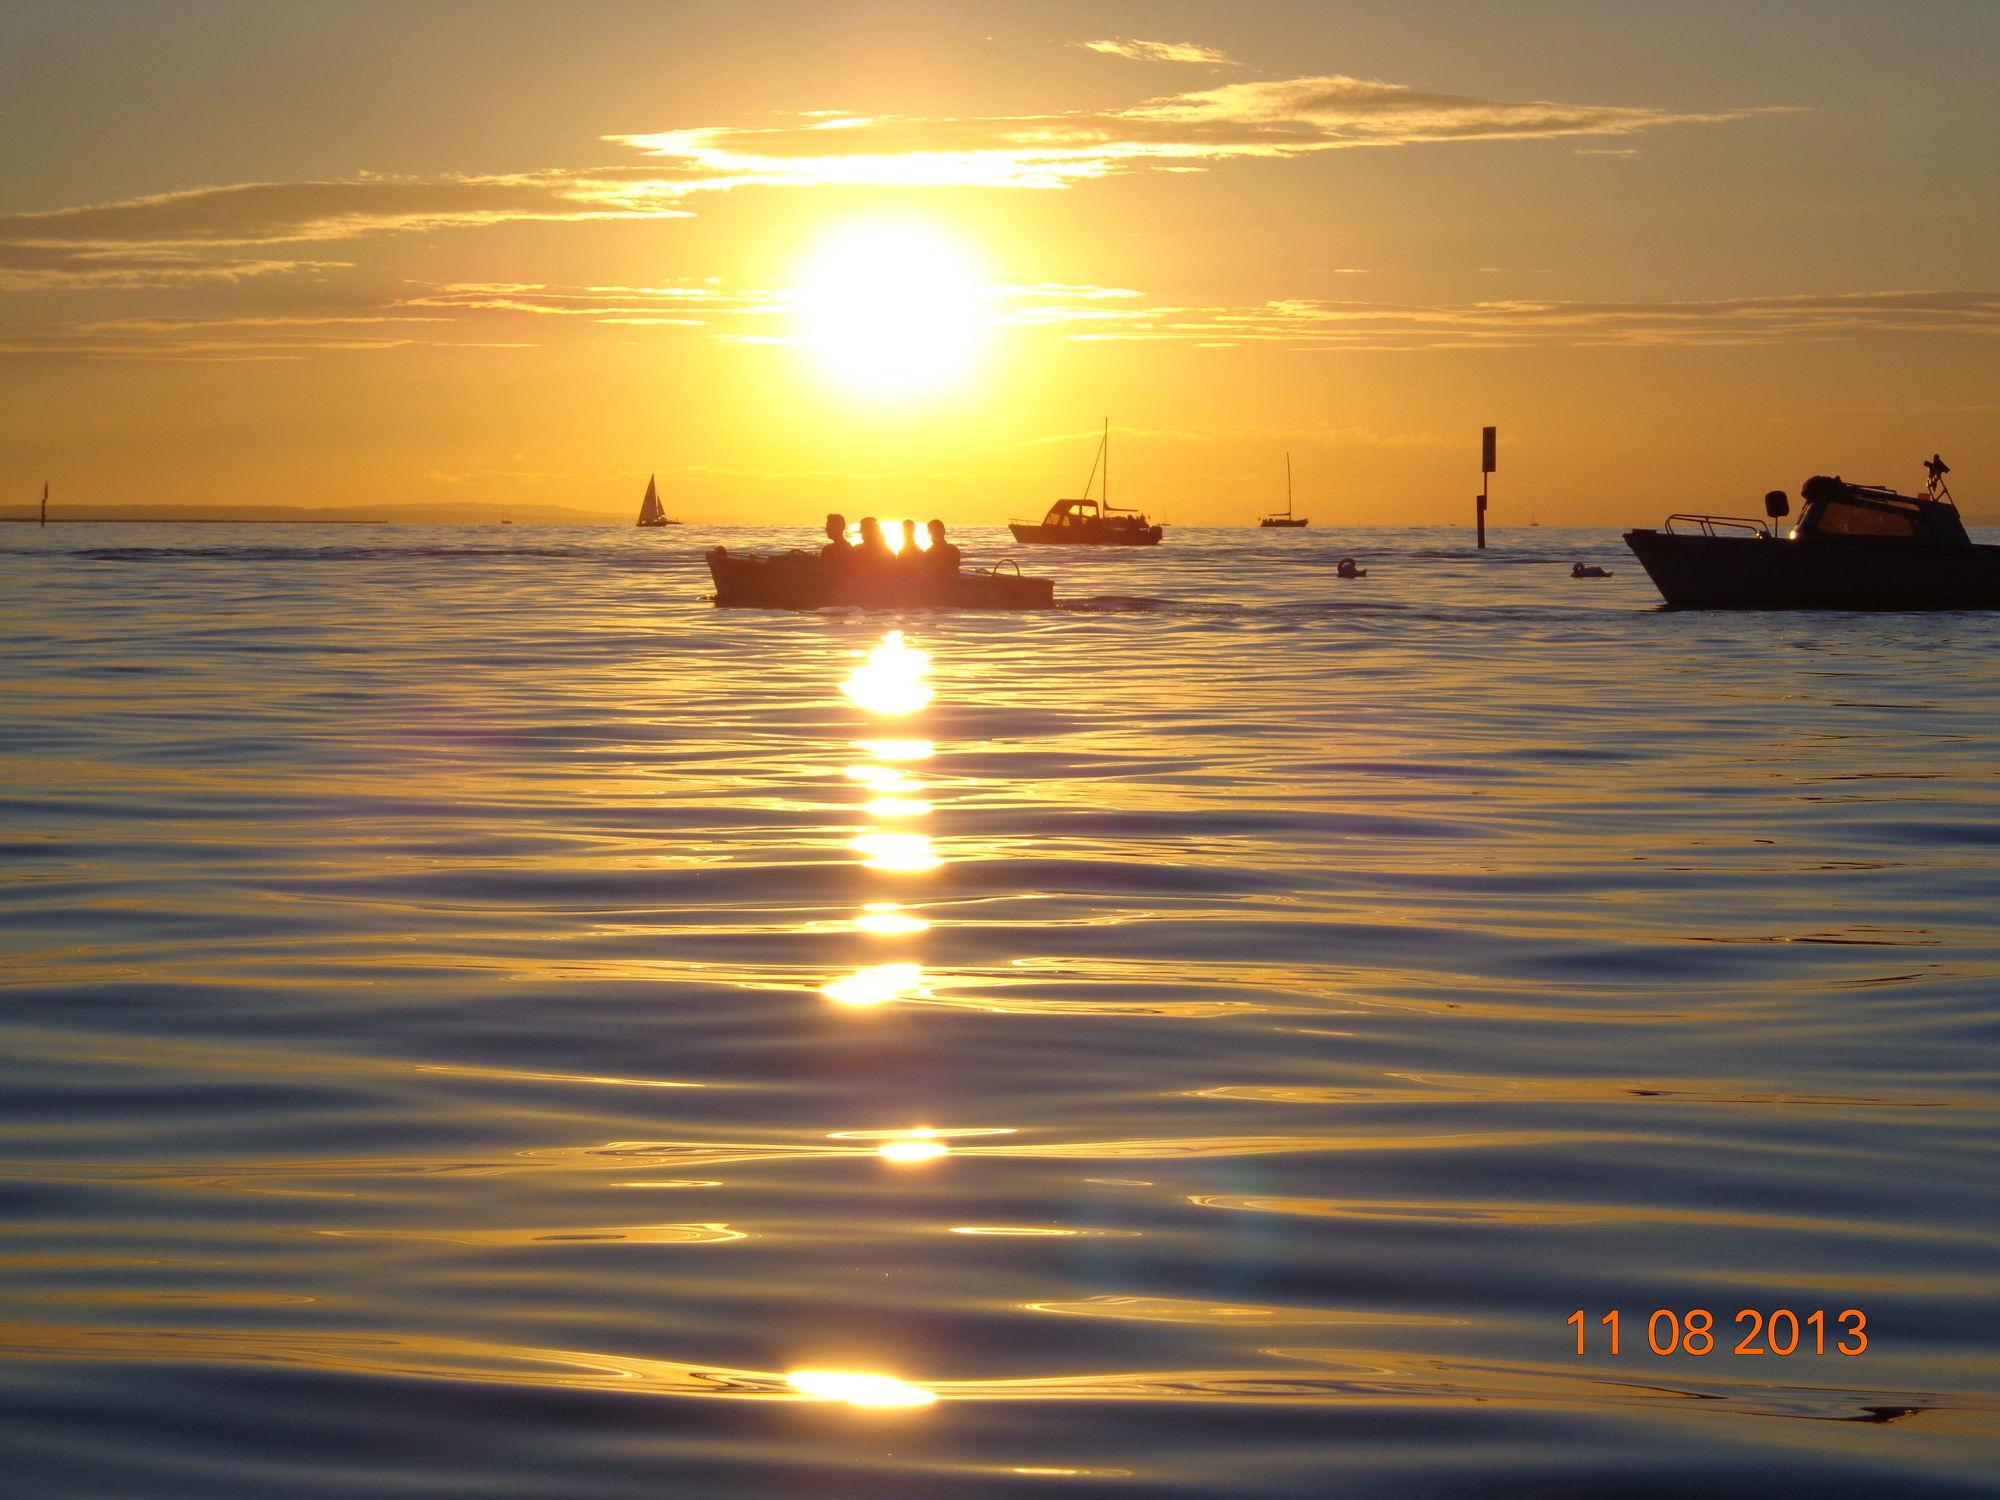 Bild mit Sonnenuntergang, Segelboote, Sonnenaufgang